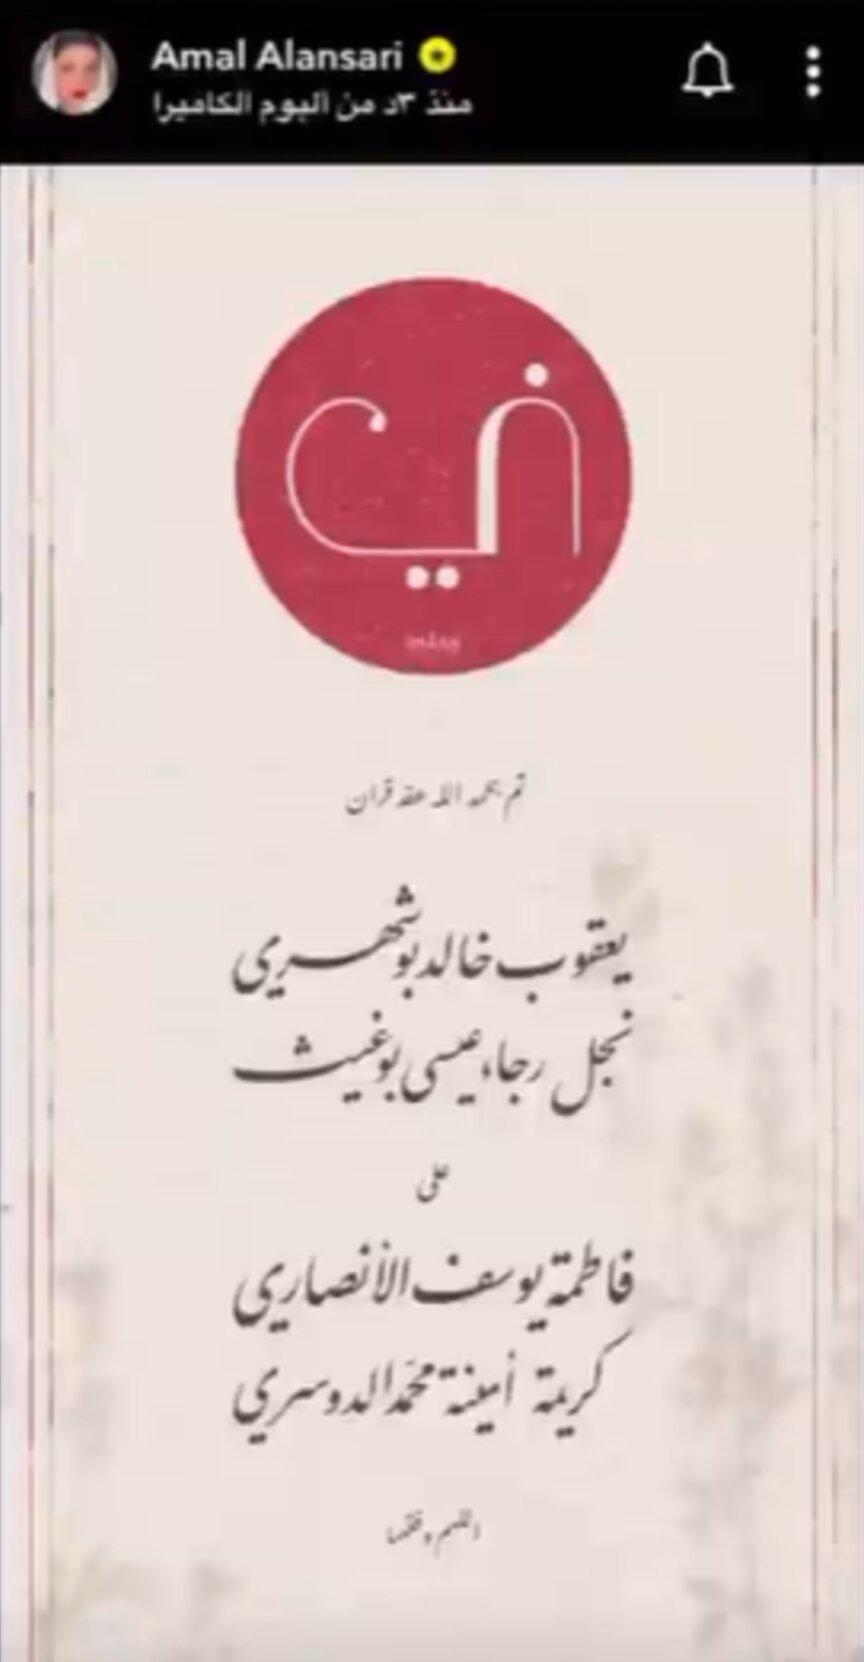 فاطمة الأنصاري تنشر صورة من دعوة عقد قرانها على يعقوب بوشهري